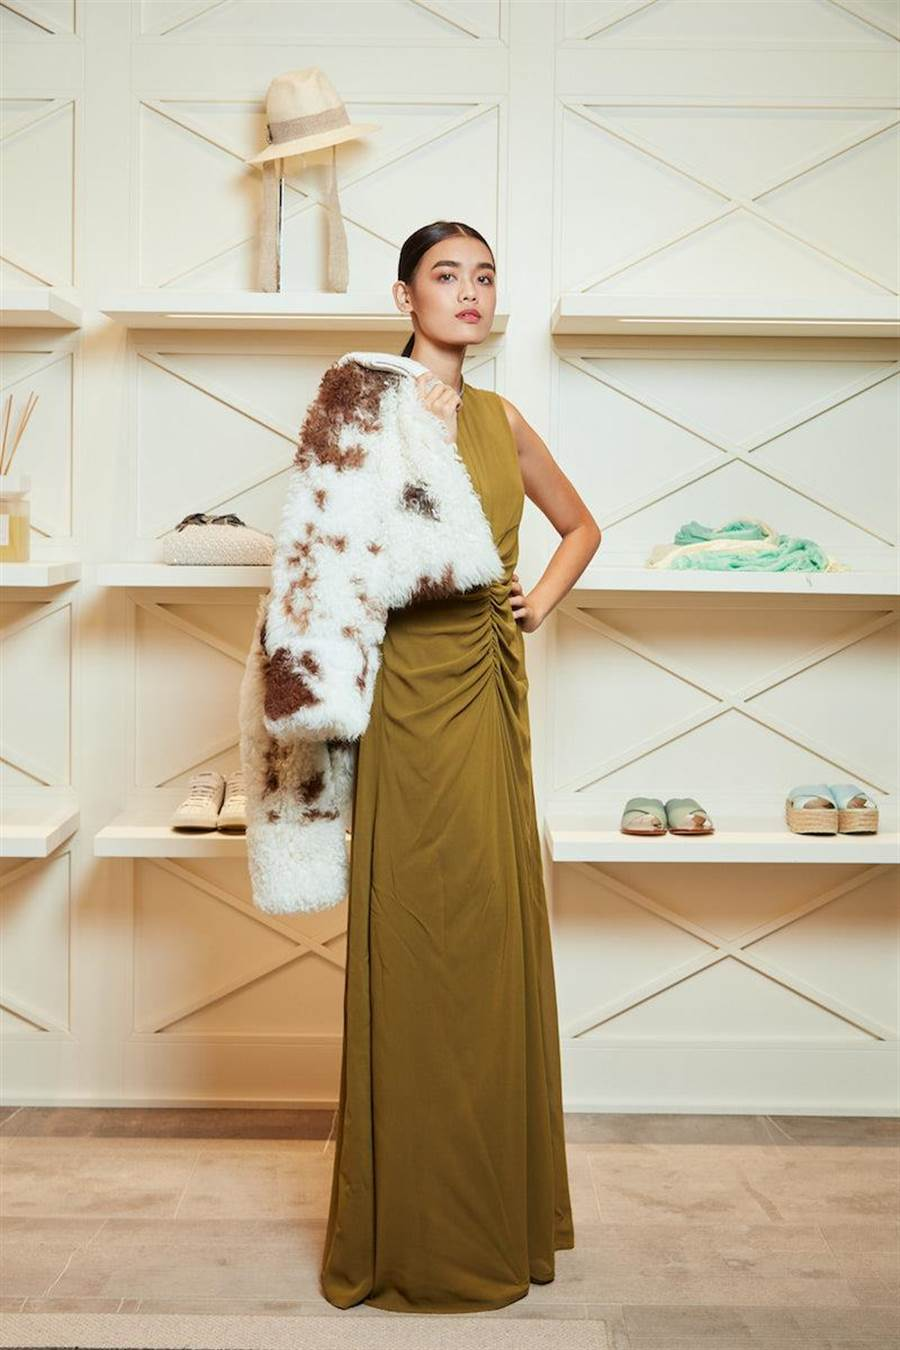 黃銅鑽石線綴飾洋裝的高領,讓優雅禮服增添低調光彩。Fabiana Filippi剪羊毛短版夾克17萬1800元,皺褶腰身洋裝5萬7300元。(Fabiana Filippi提供)